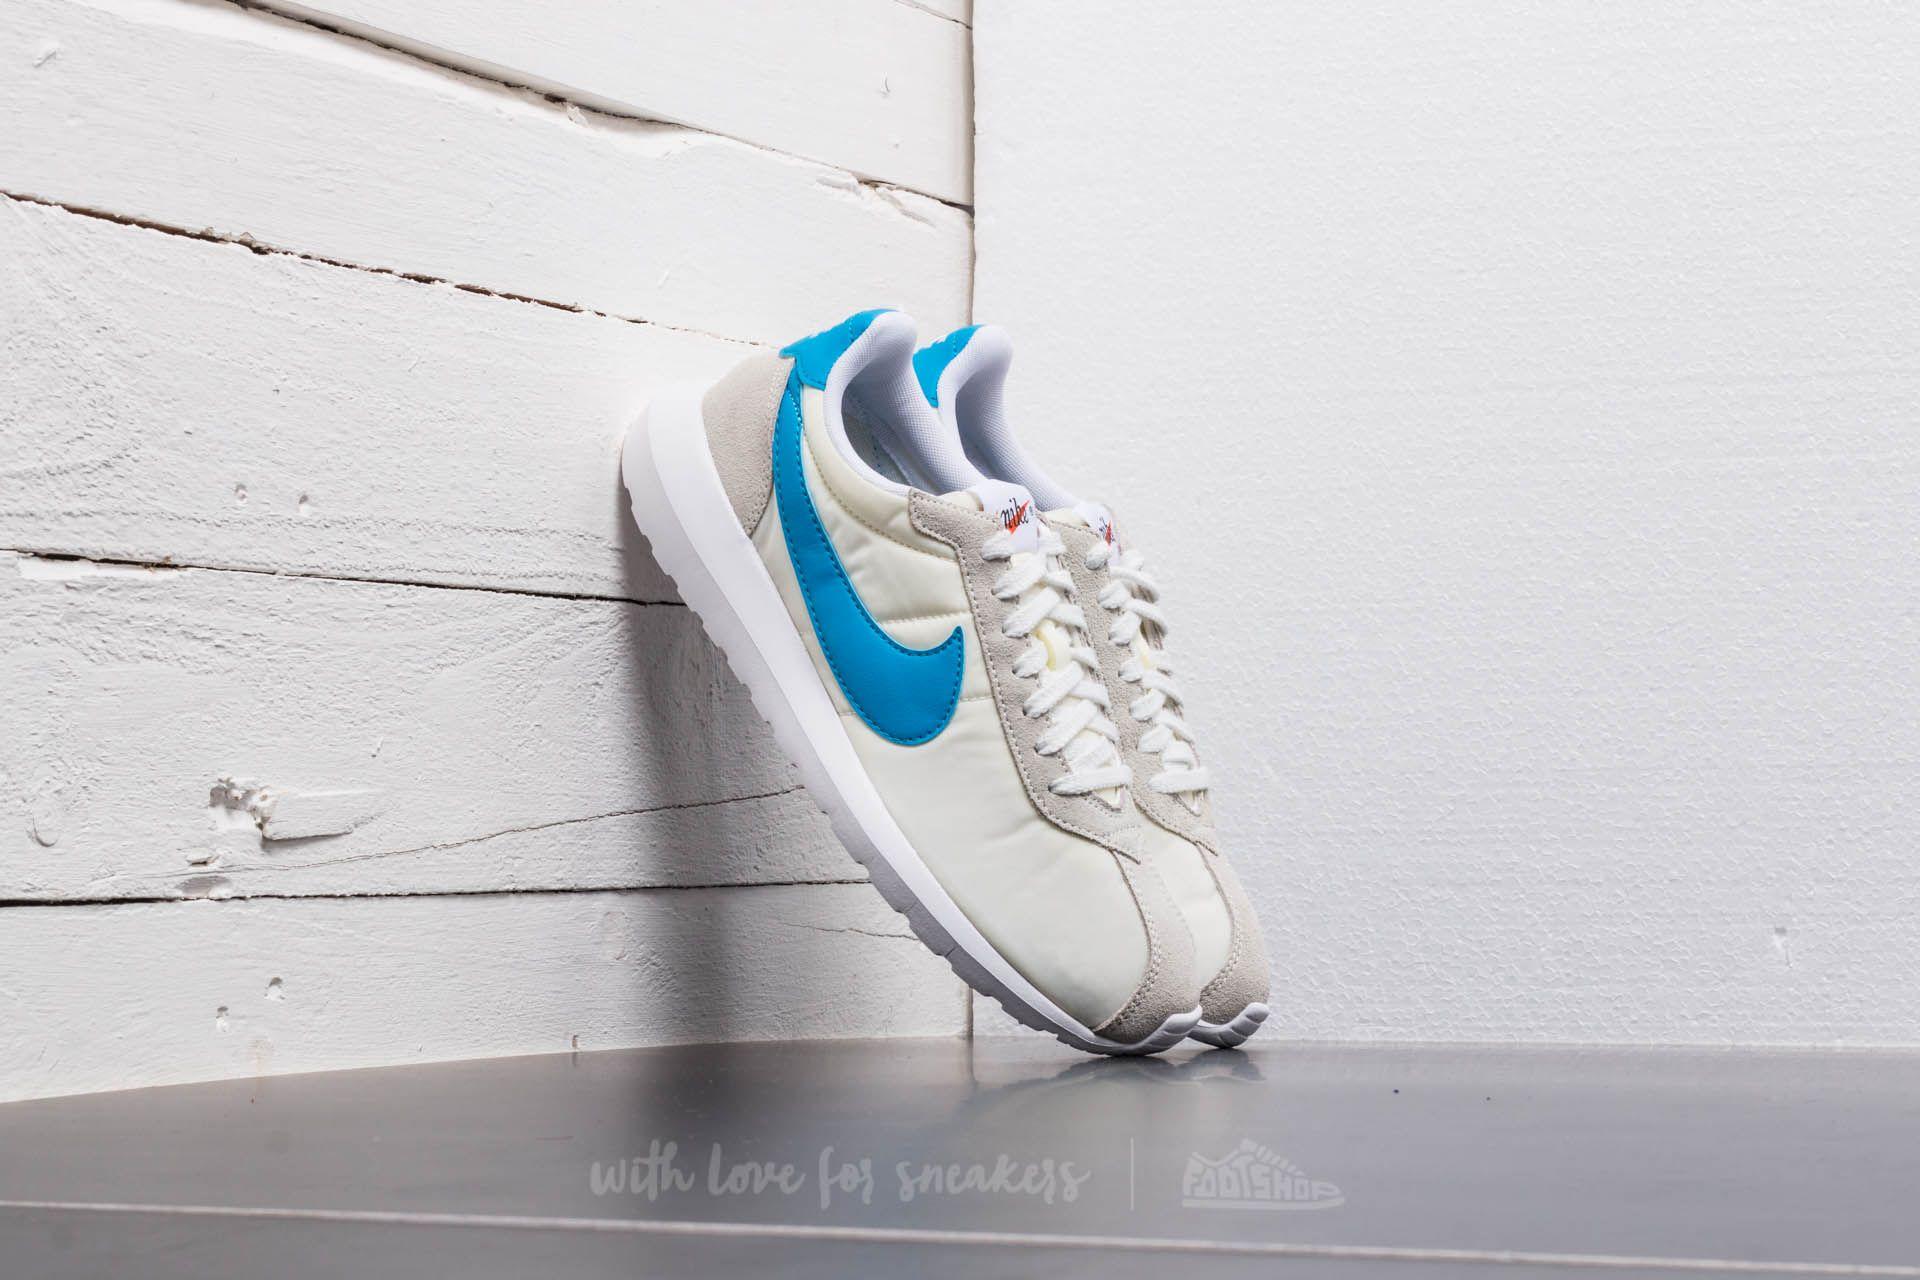 promo code 3202c 19a08 Nike Roshe LD-1000 Summit White  Blue Glow-White-Safety Orange